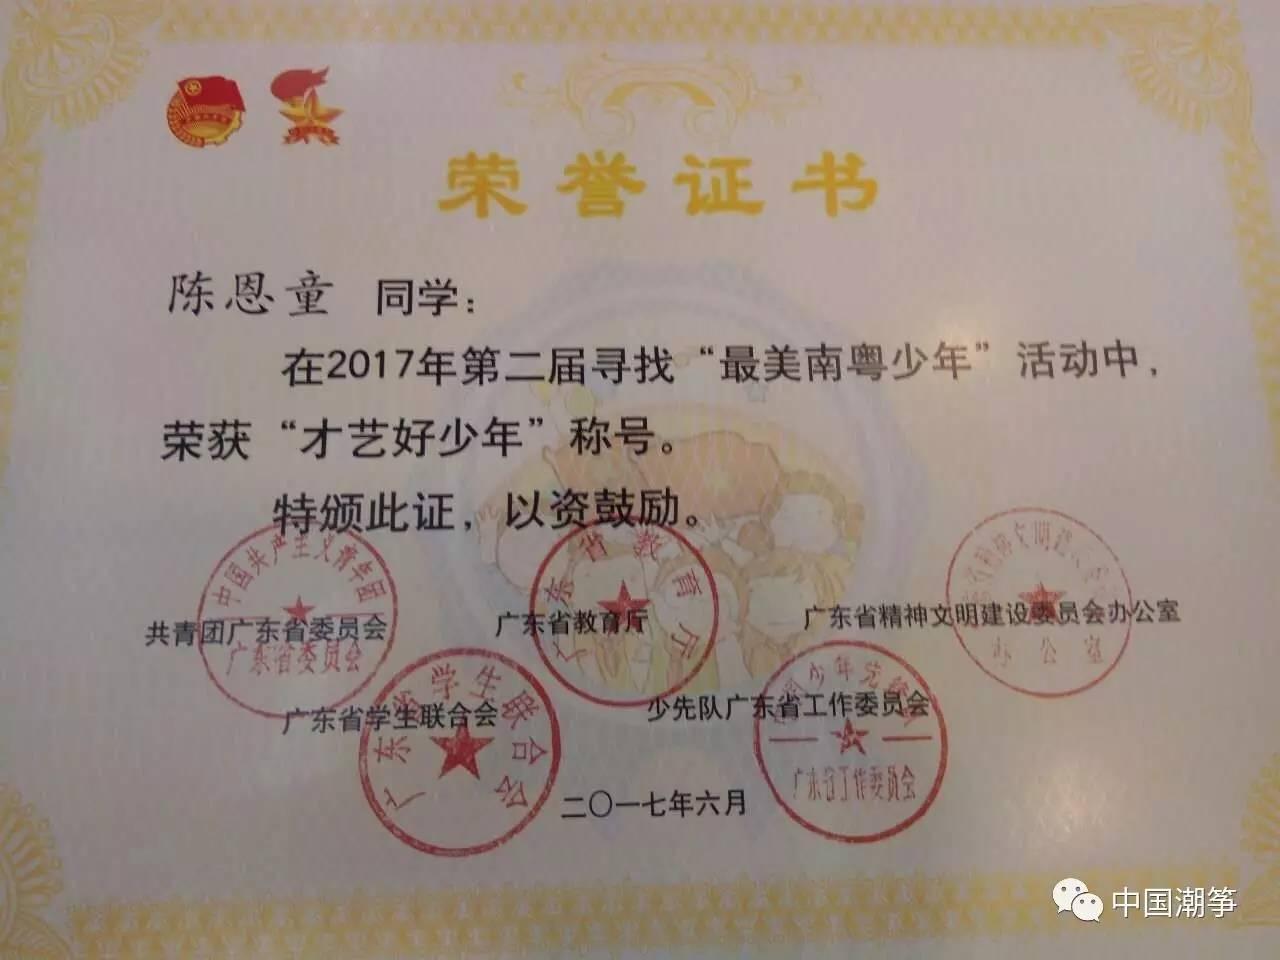 中国潮筝 陈恩童以潮筝演奏获 南粤最美少年 才艺奖项